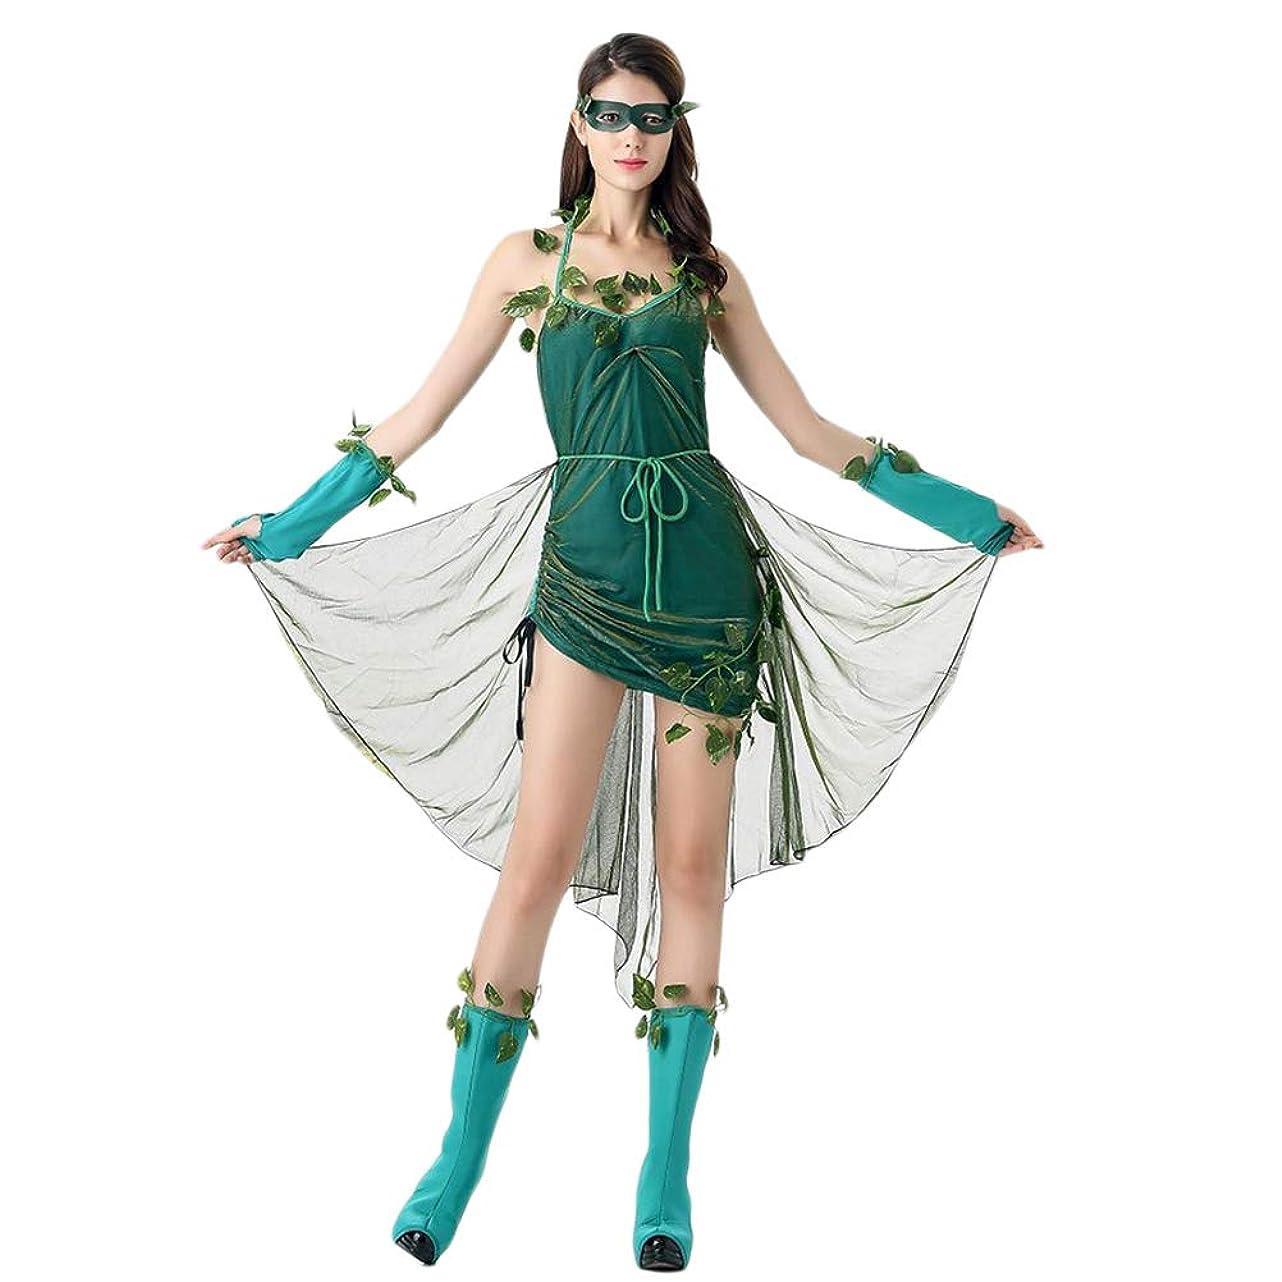 クラッシュ溶融襟BESTOYARD ハロウィンステージの衣装美しいエルフの衣装森の悪魔の女神女性のコスプレ衣装ユニフォームパーティードレススーツ